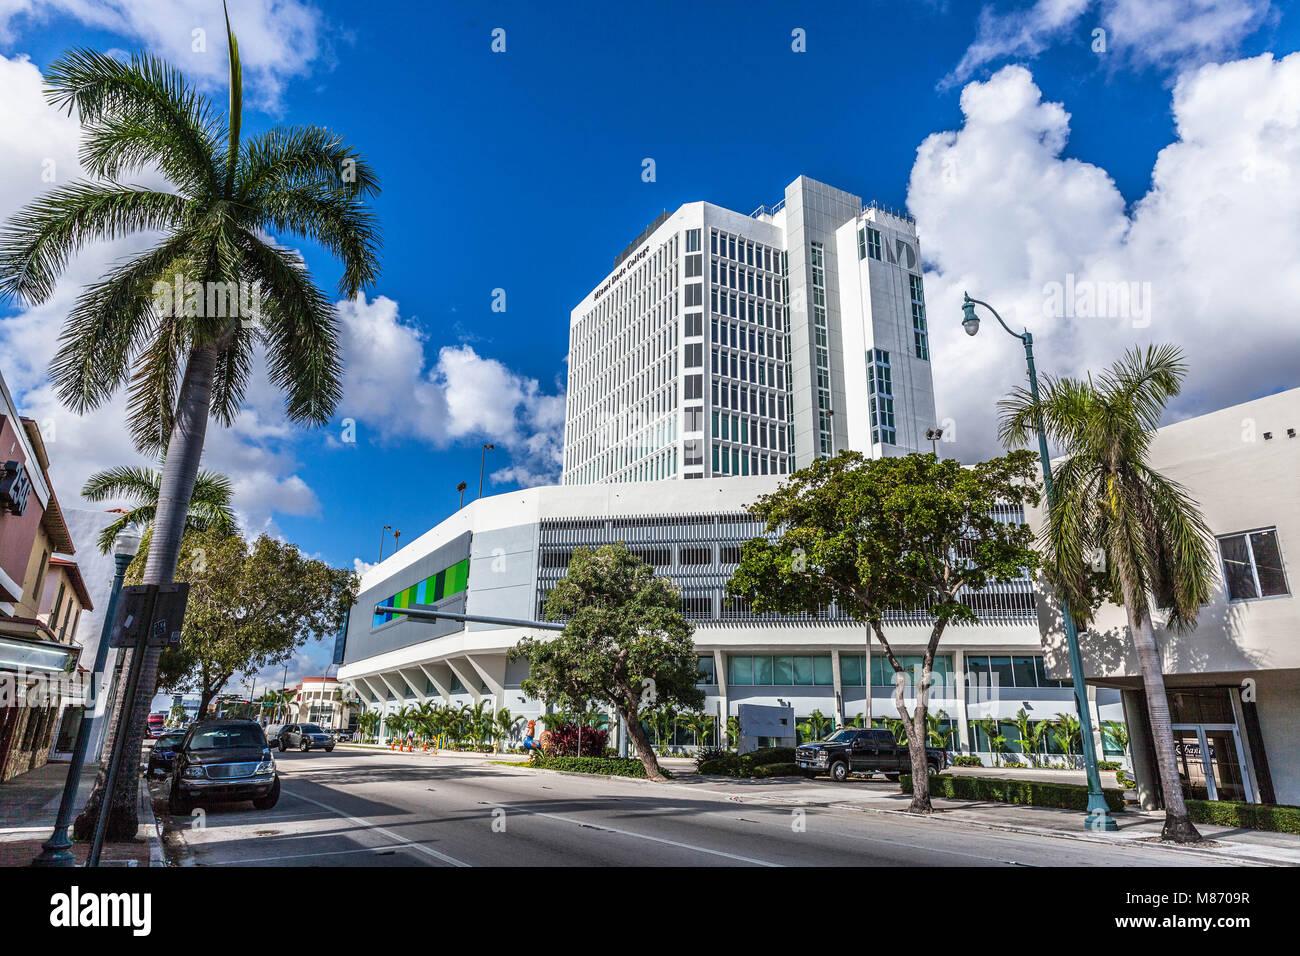 Miami Dade Campus Interamerican Campus, Little Havana, 627 SW 27th Ave, Miami, FL 33135, USA. - Stock Image